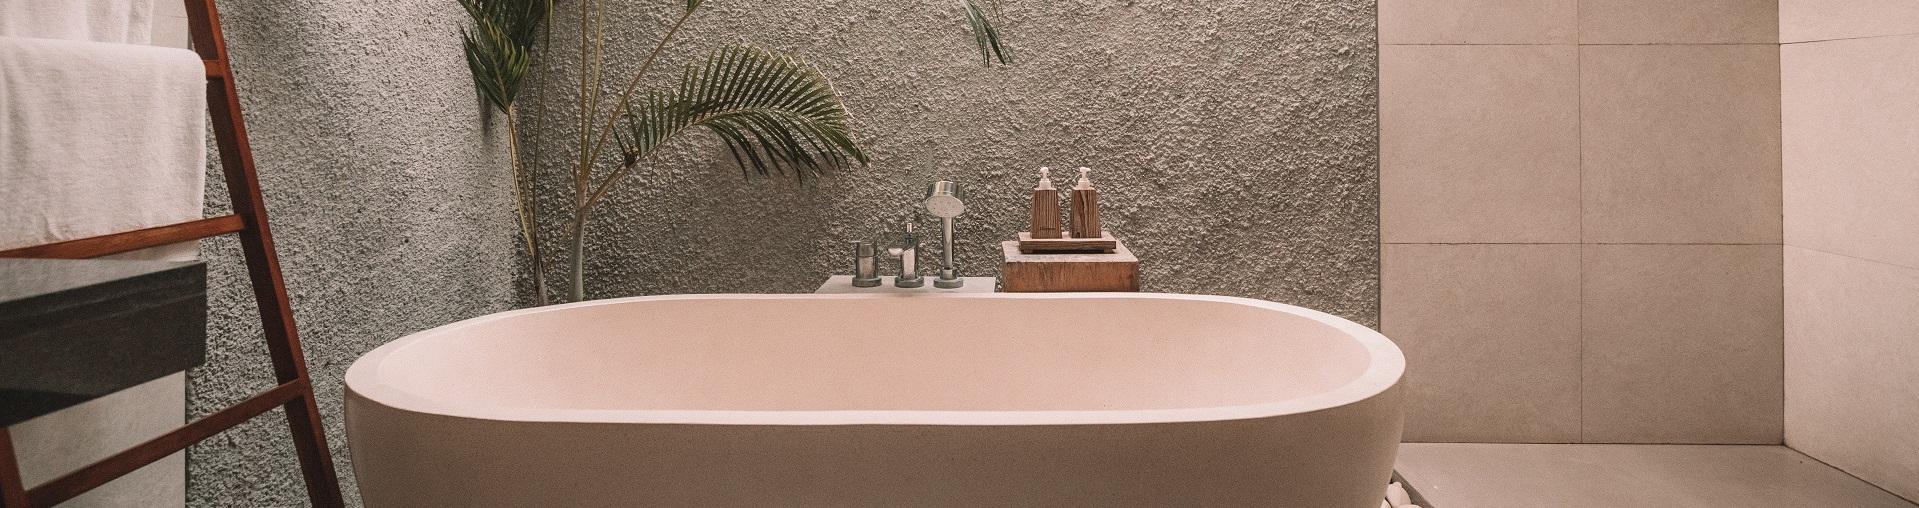 ausgezeichnet bambus badm bel ideen die besten wohnideen. Black Bedroom Furniture Sets. Home Design Ideas